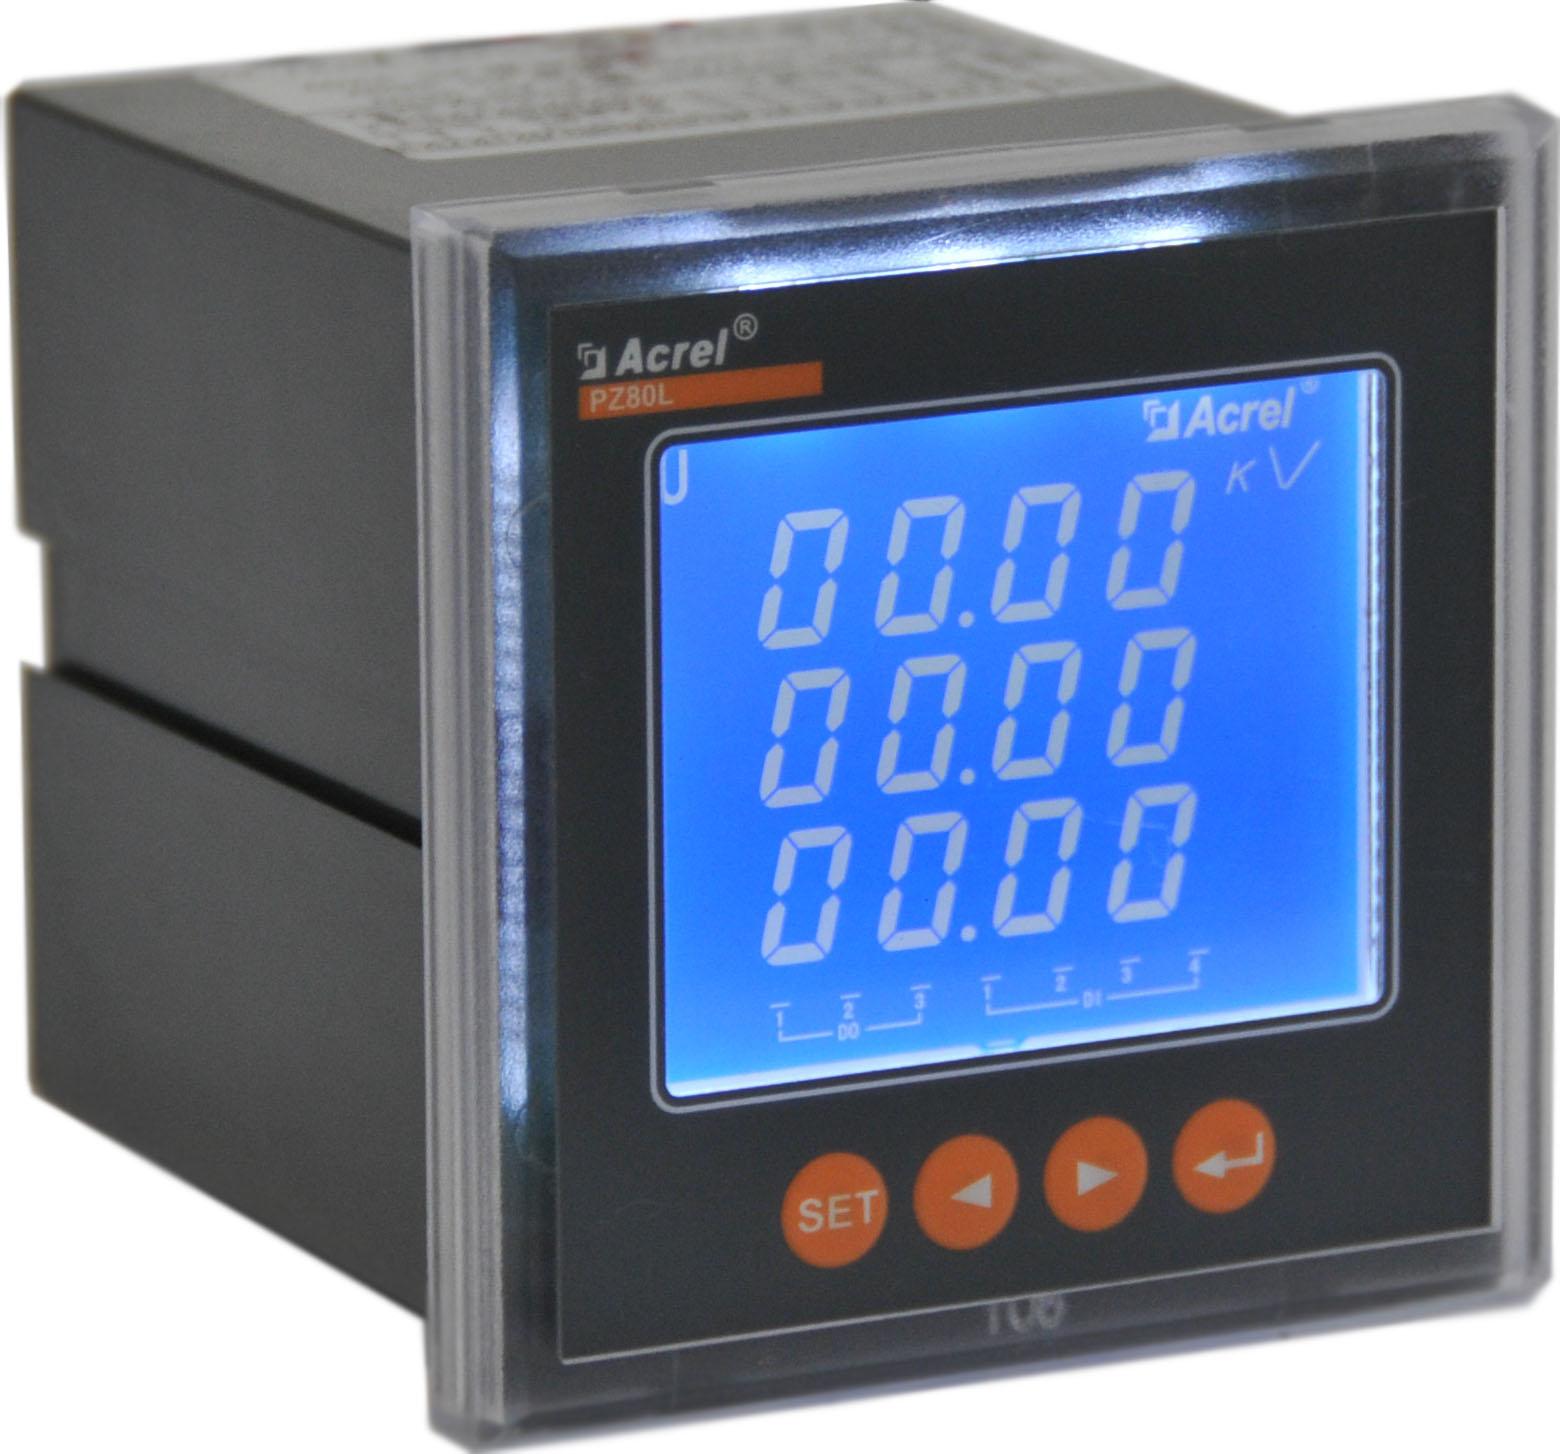 安科瑞直销 PZ96L-E4/KMC 电能表 模拟量 开关量 RS485通讯 包邮